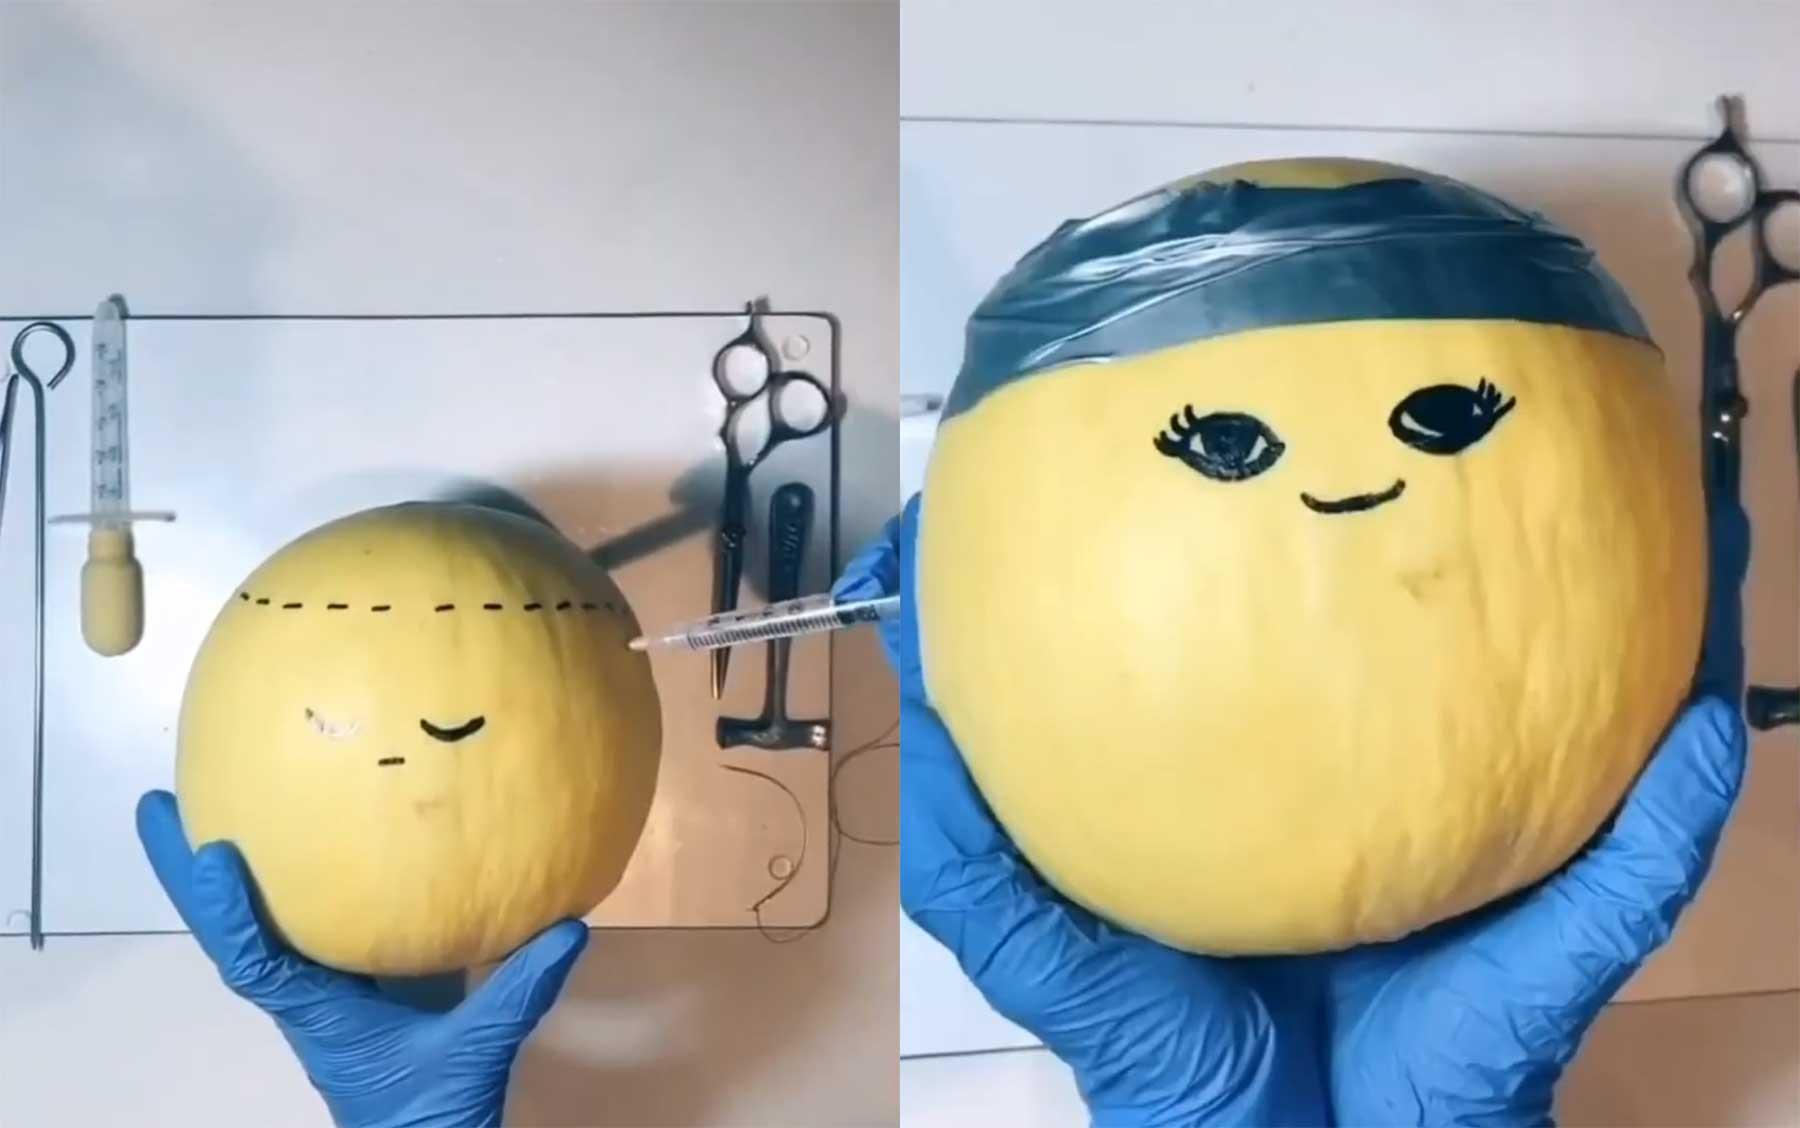 Mädchen operiert Obst und Gemüse